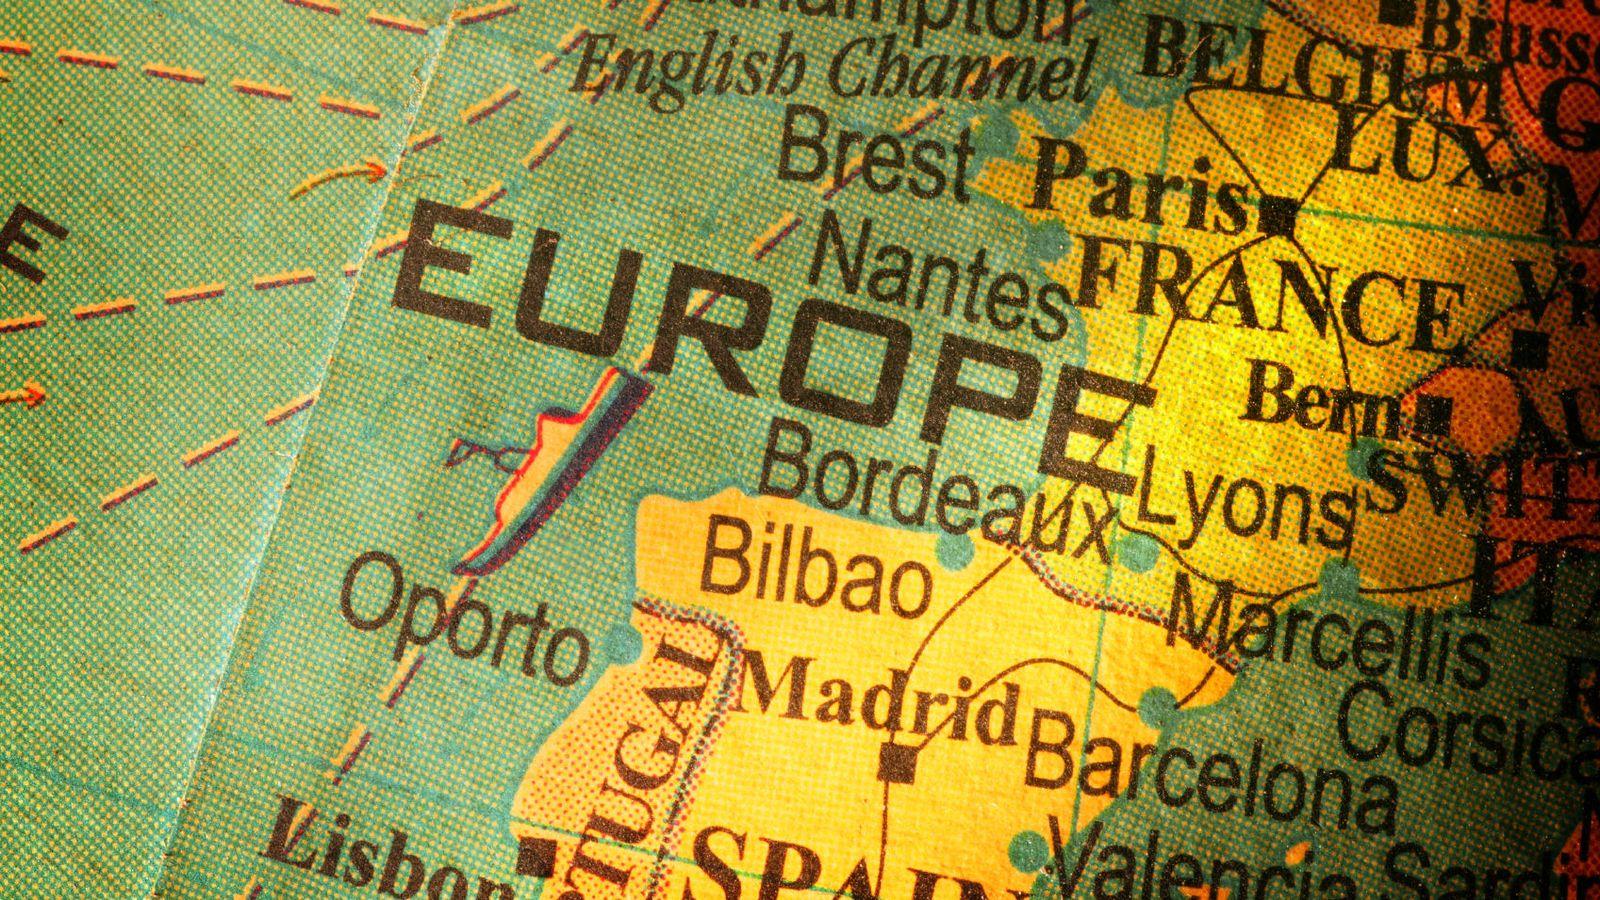 Foto: ¿Se viven más años de Madrid para arriba o para abajo? (iStock)